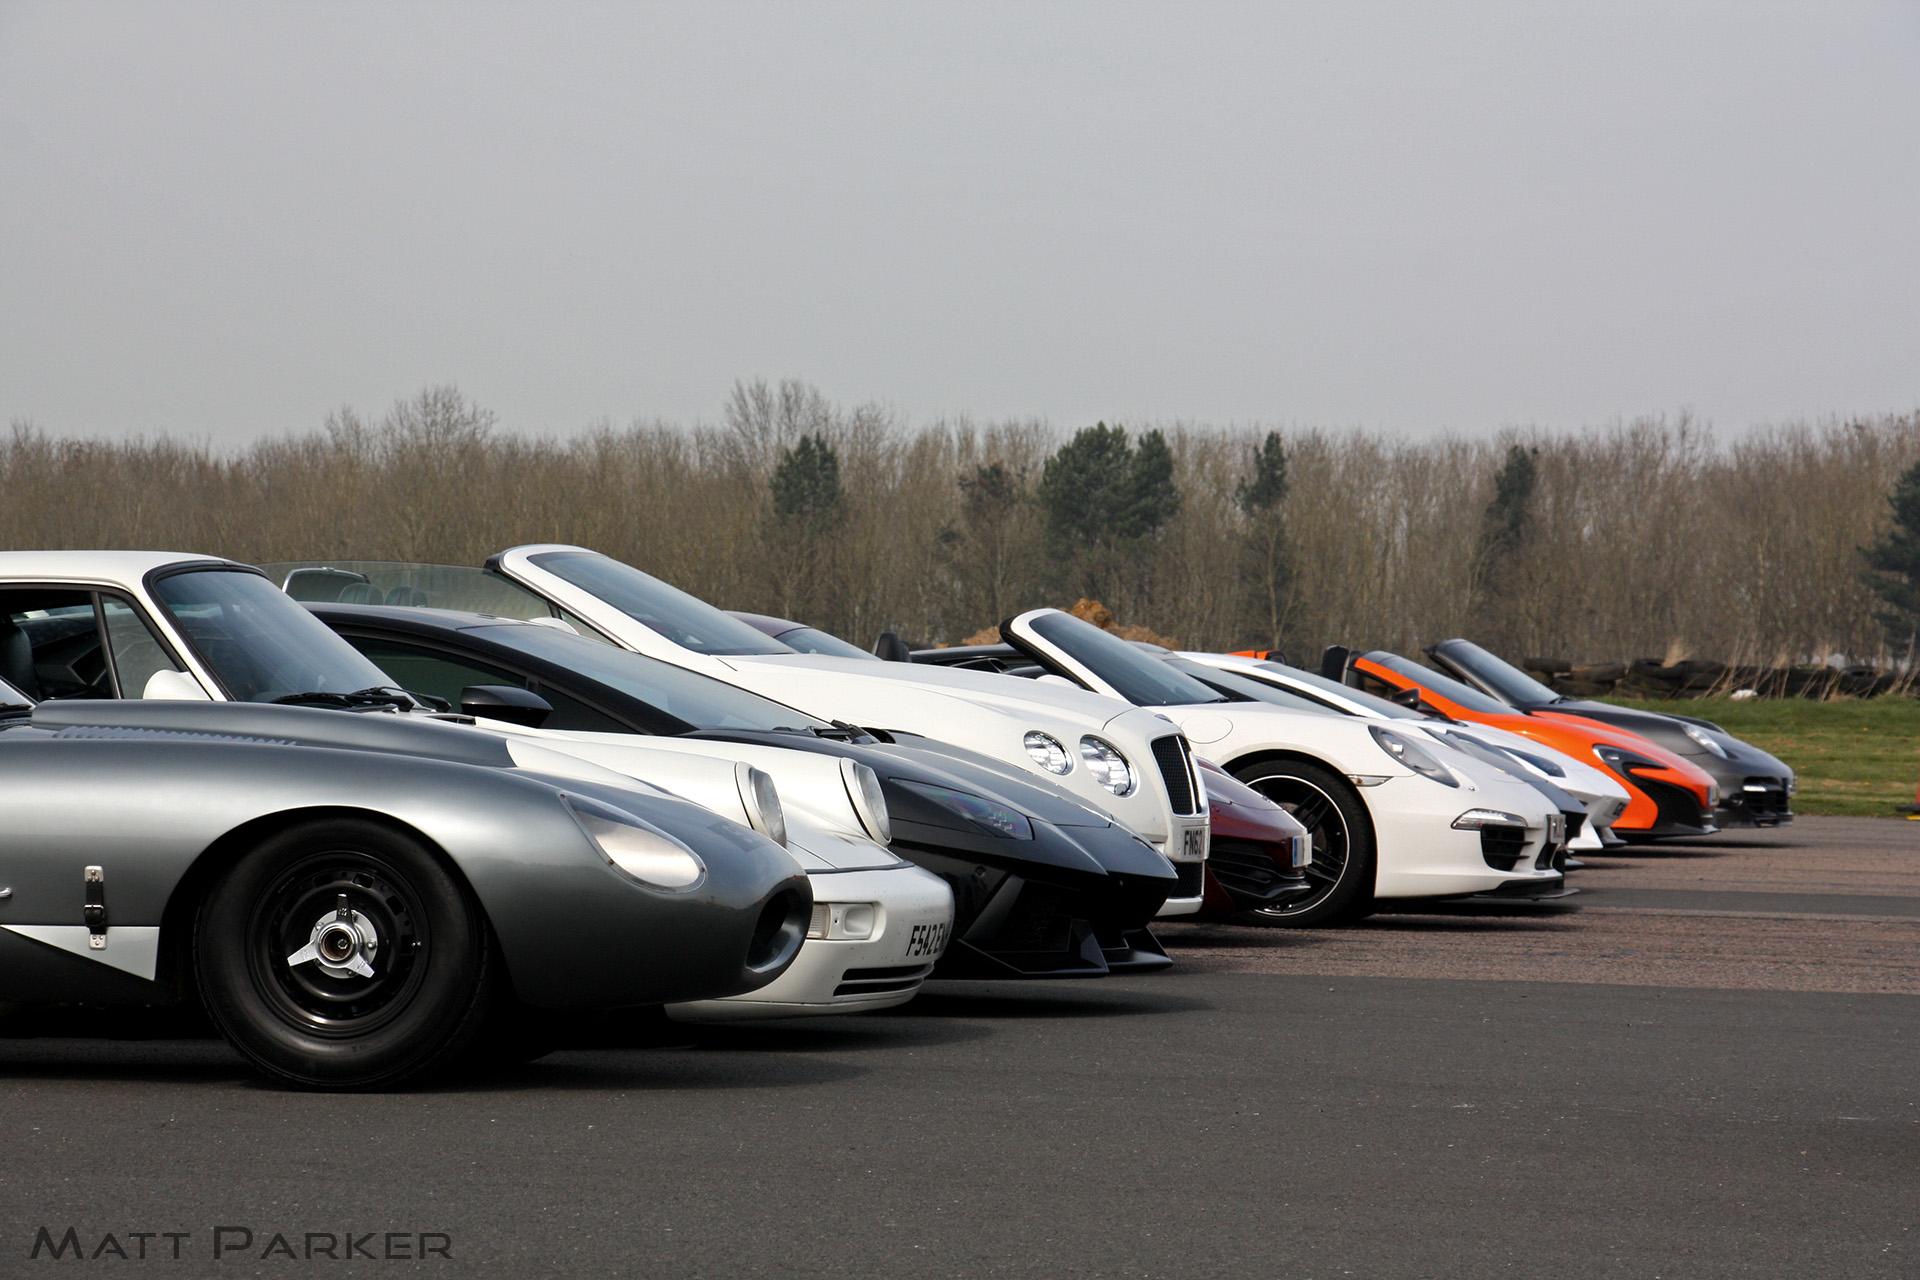 Αυτό το απίστευτο supercar meeting θα κάνει το